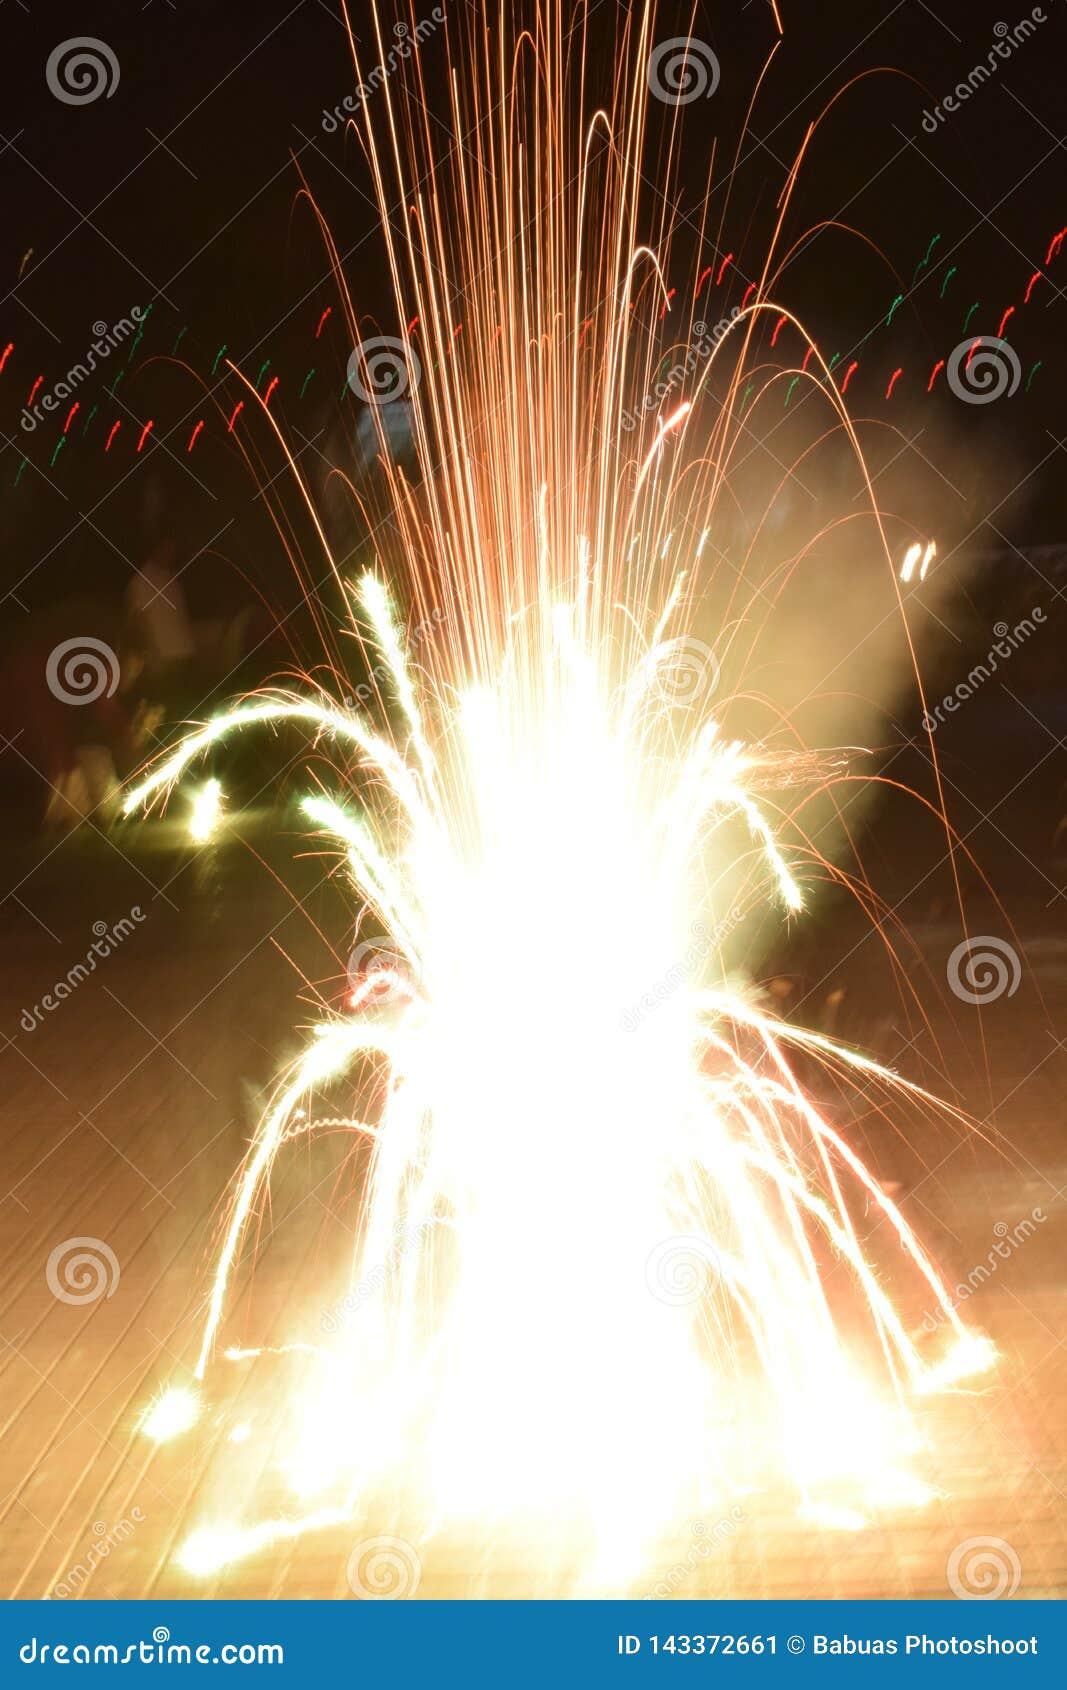 Fogos de artifício do foguete poderoso brilhante durante o festival de Diwali